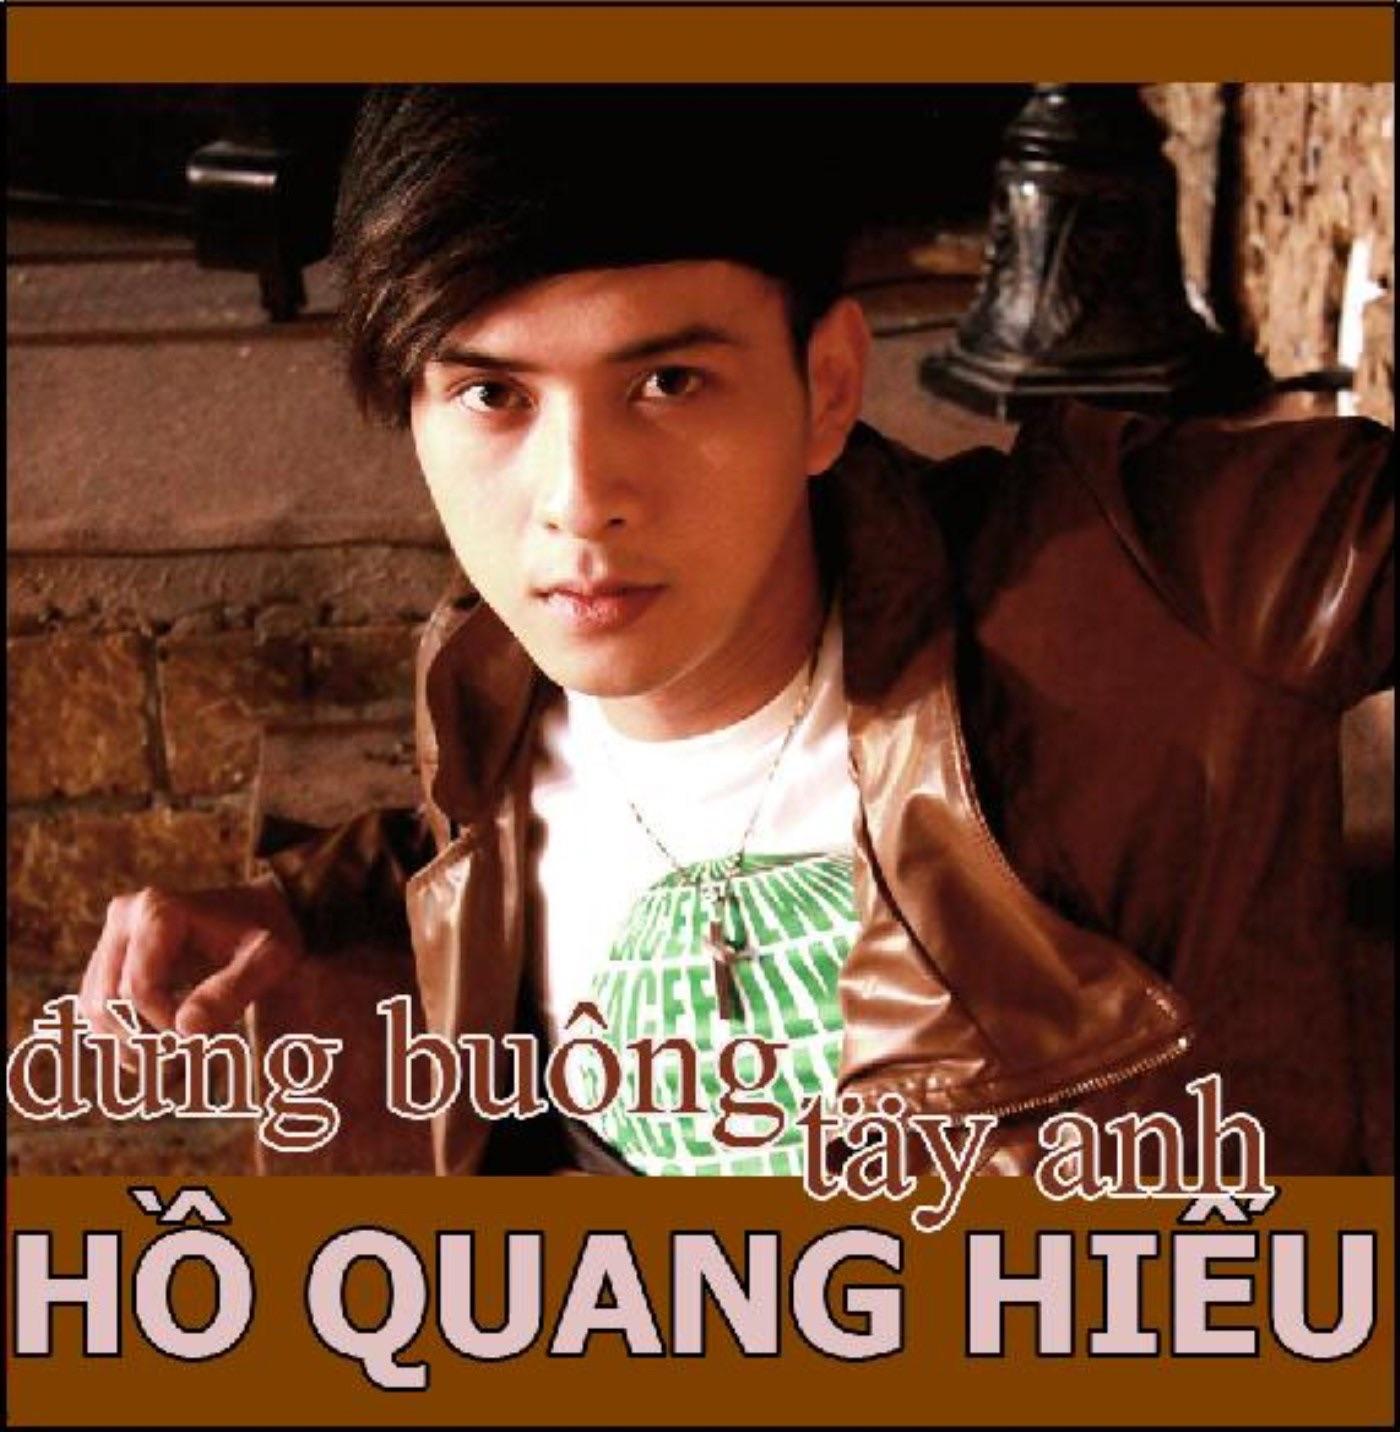 Dung Buong Tay Anh